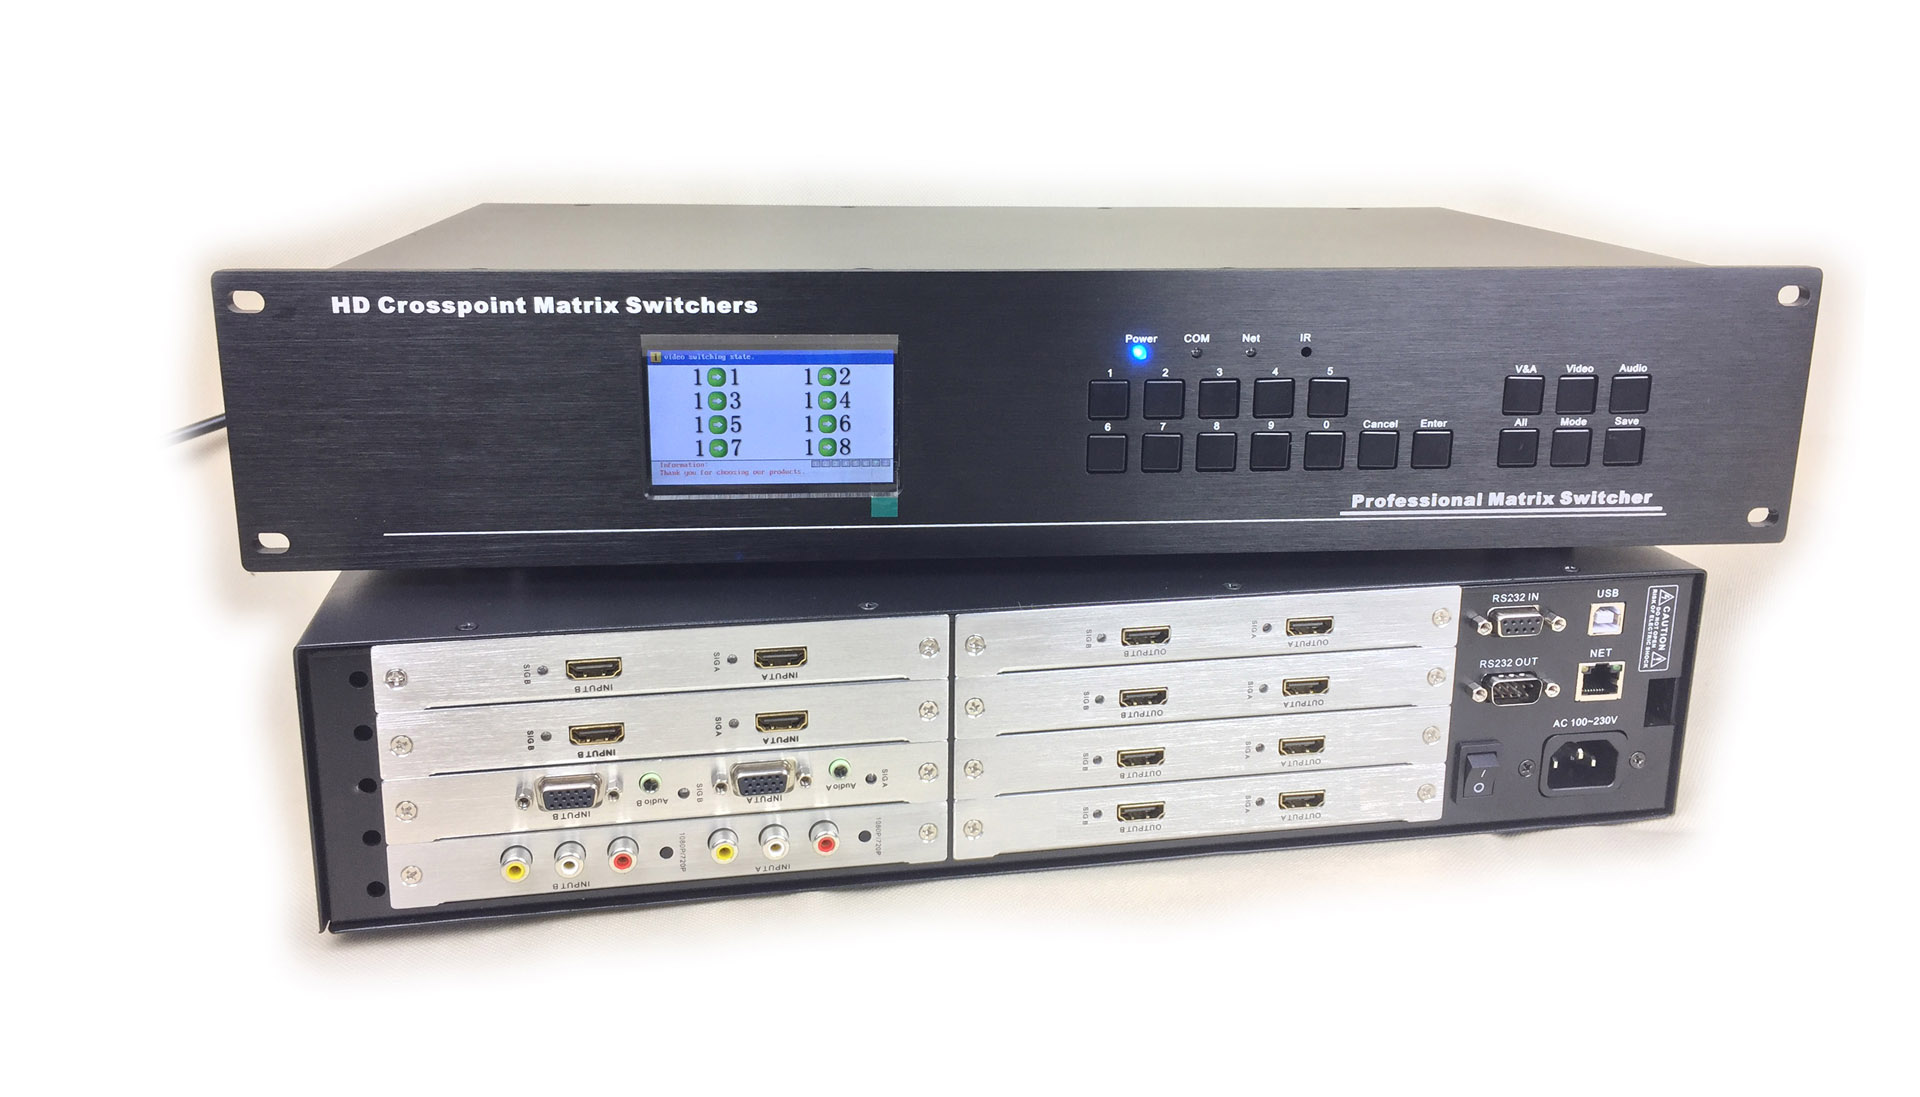 Бесшовный смешивать квадрат передний 8 продвижение 8 из 4 продвижение 4 из звук видео конференция главная эвм HDMI/DVI/VGA/AV смешивать вставить